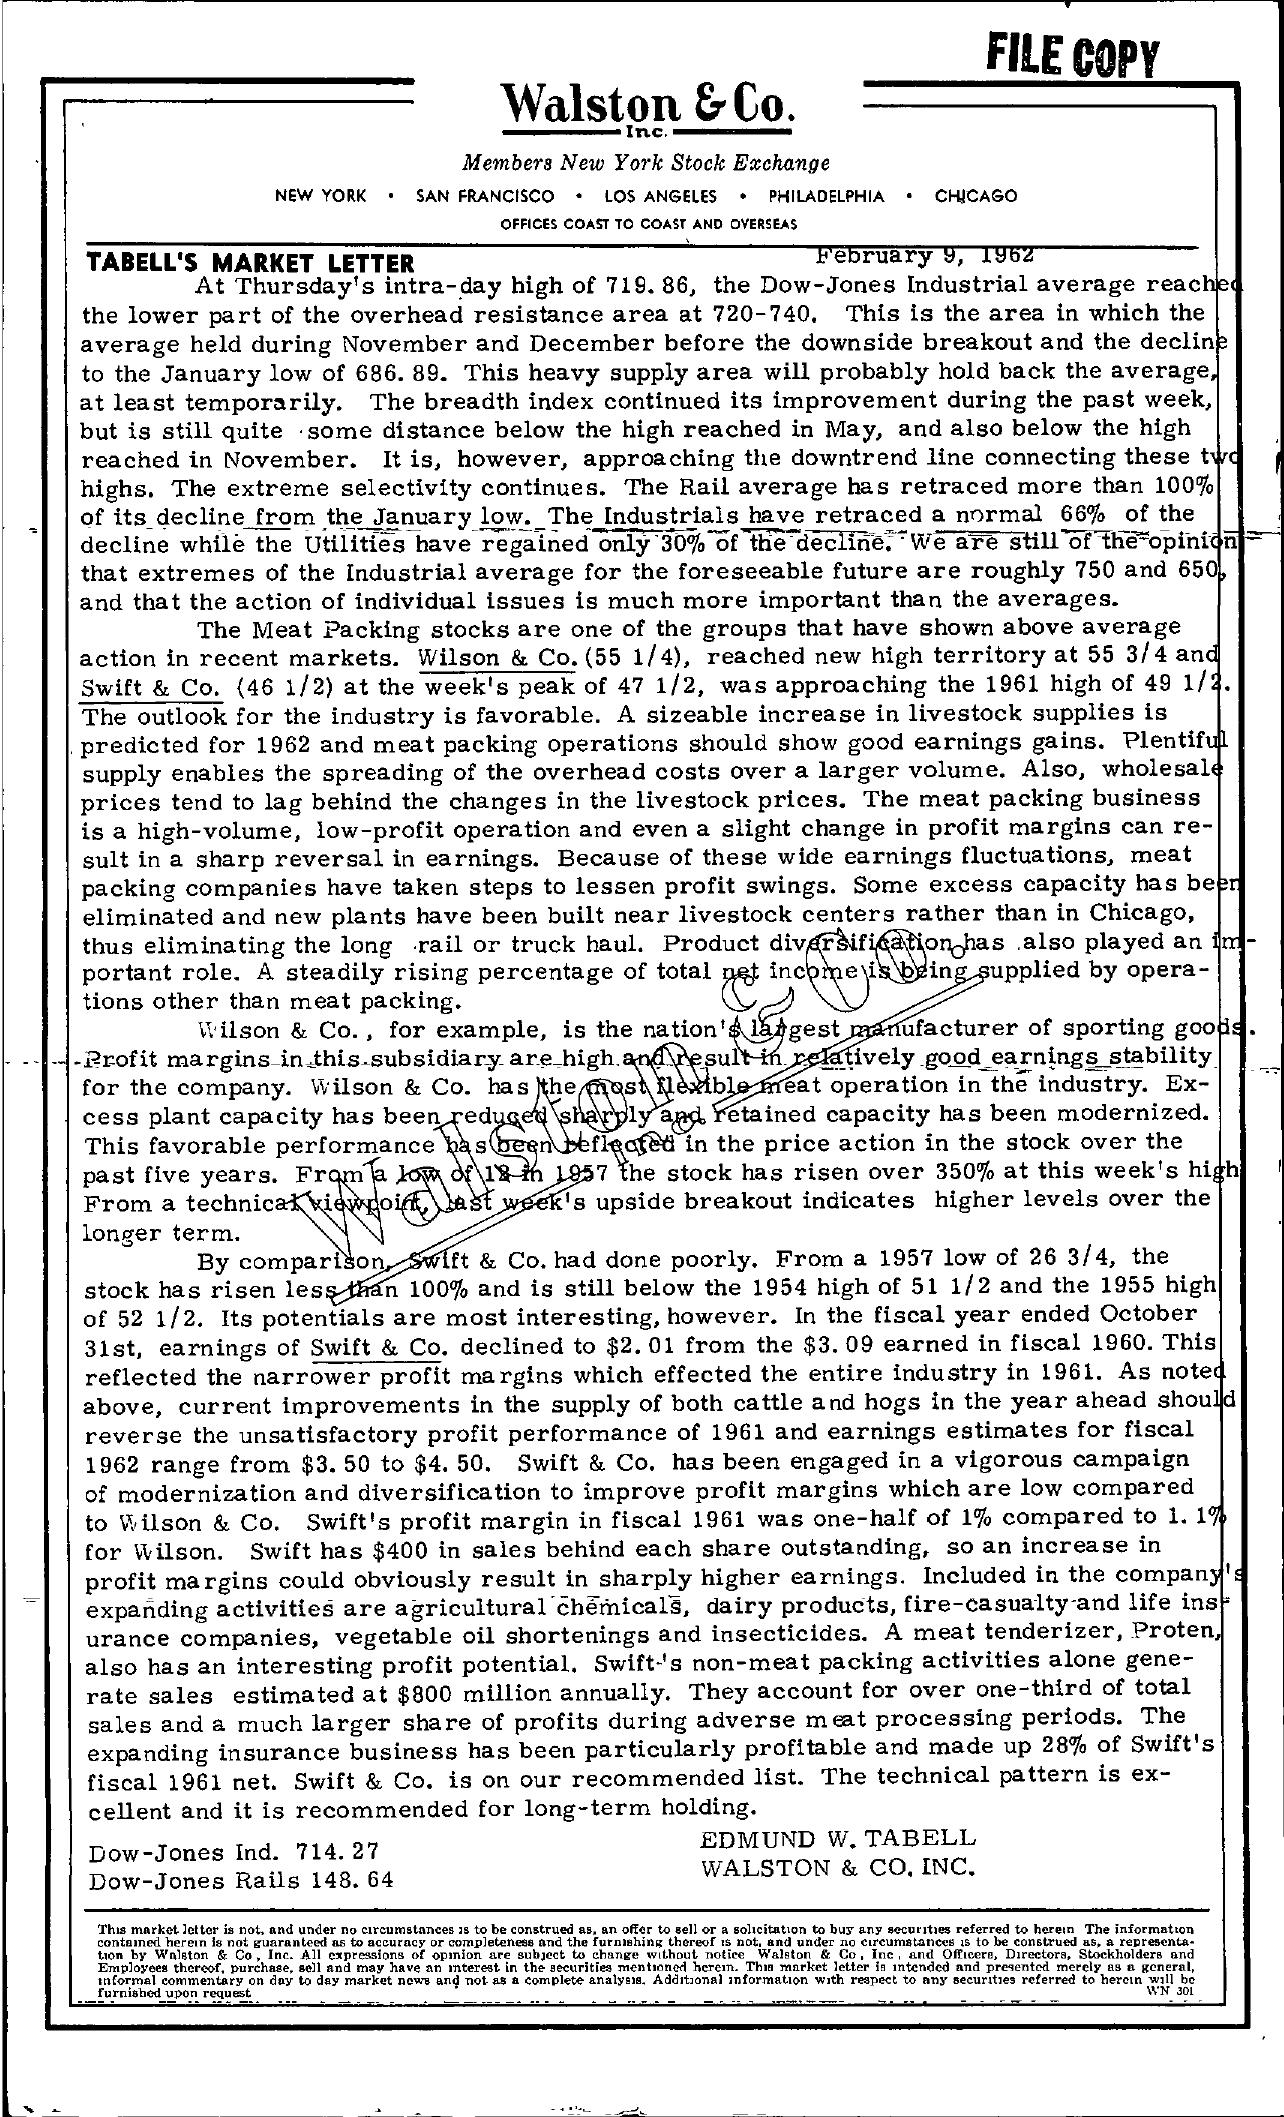 Tabell's Market Letter - February 09, 1962